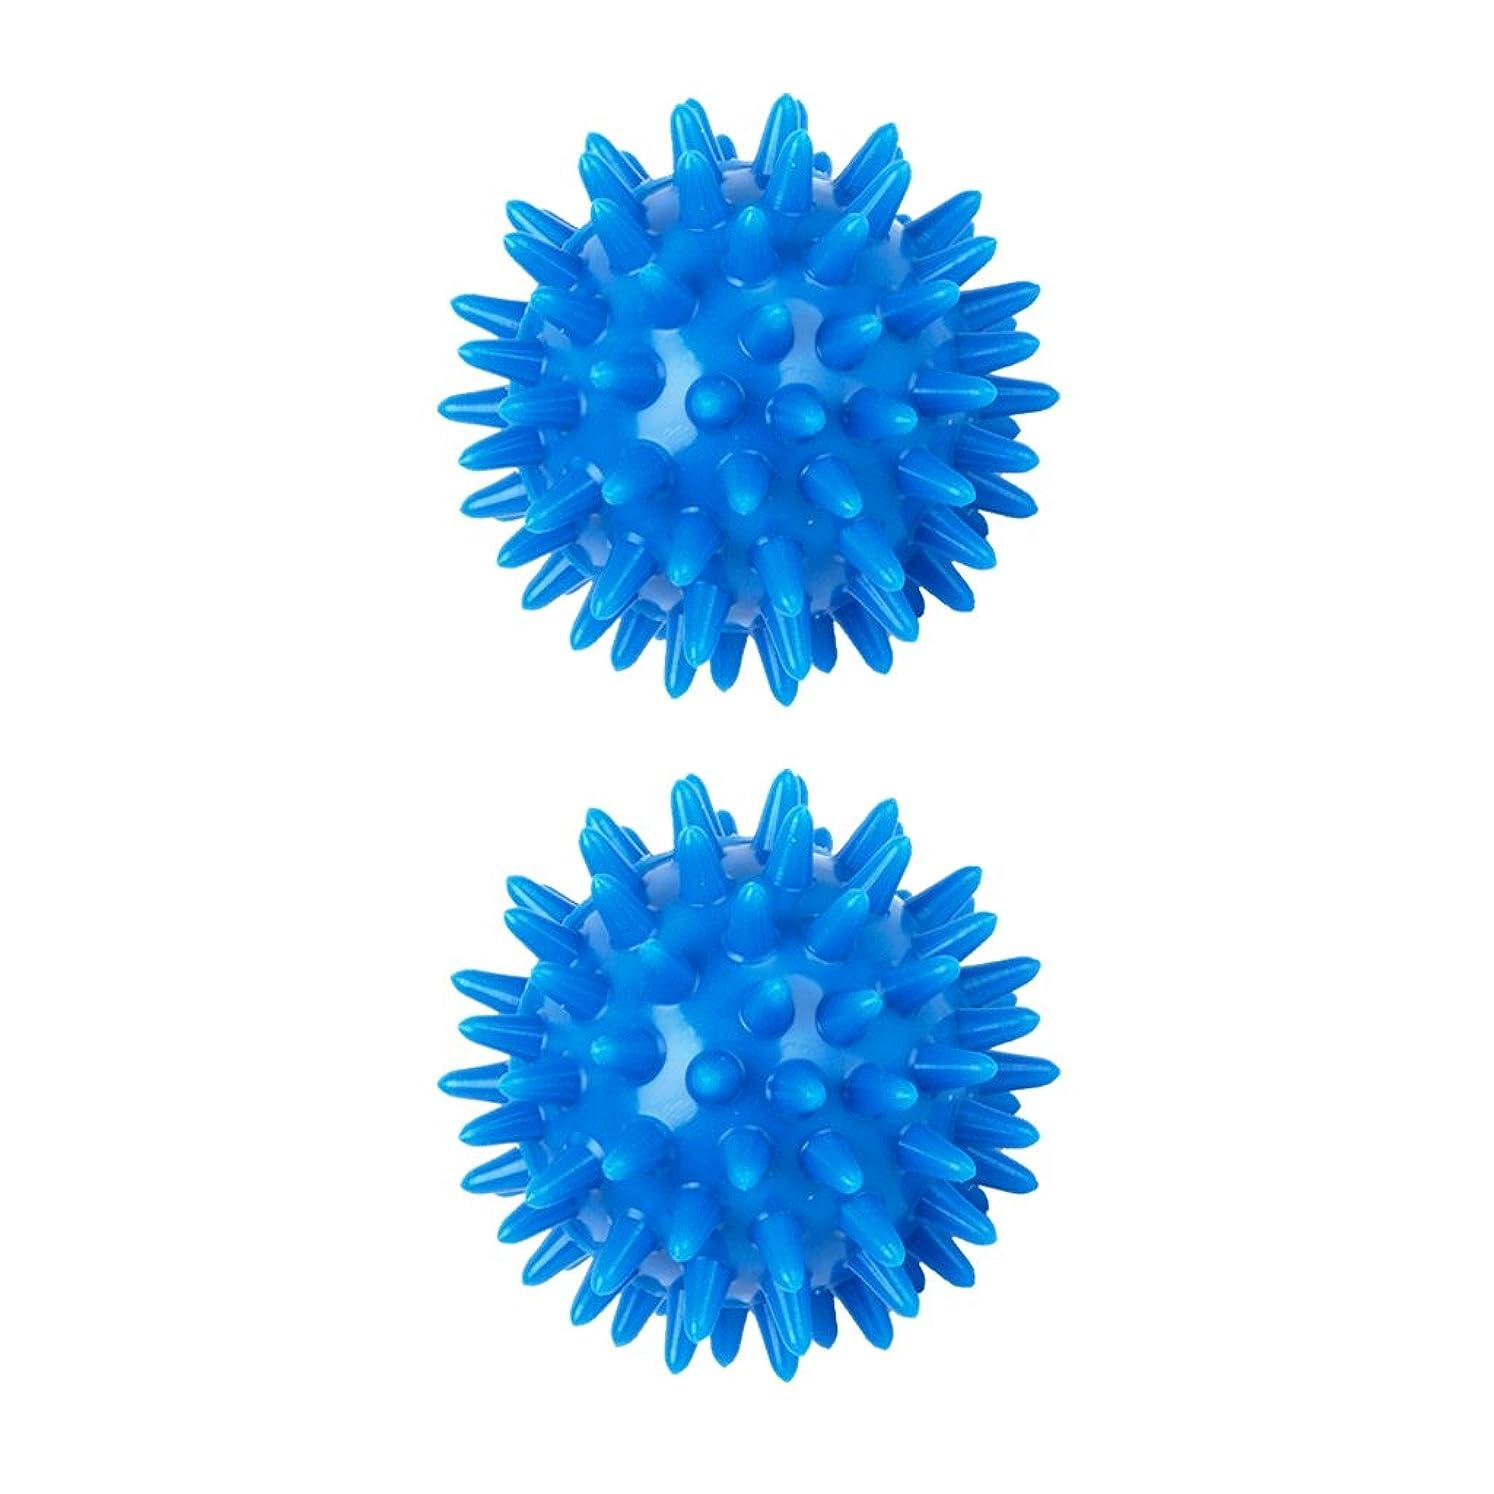 大声で誓う早熟sharprepublic 2個 足 足首 背中 マッサージボール 筋肉緊張和らげ 血液循環促進 5.5cm PVC製 ブルー